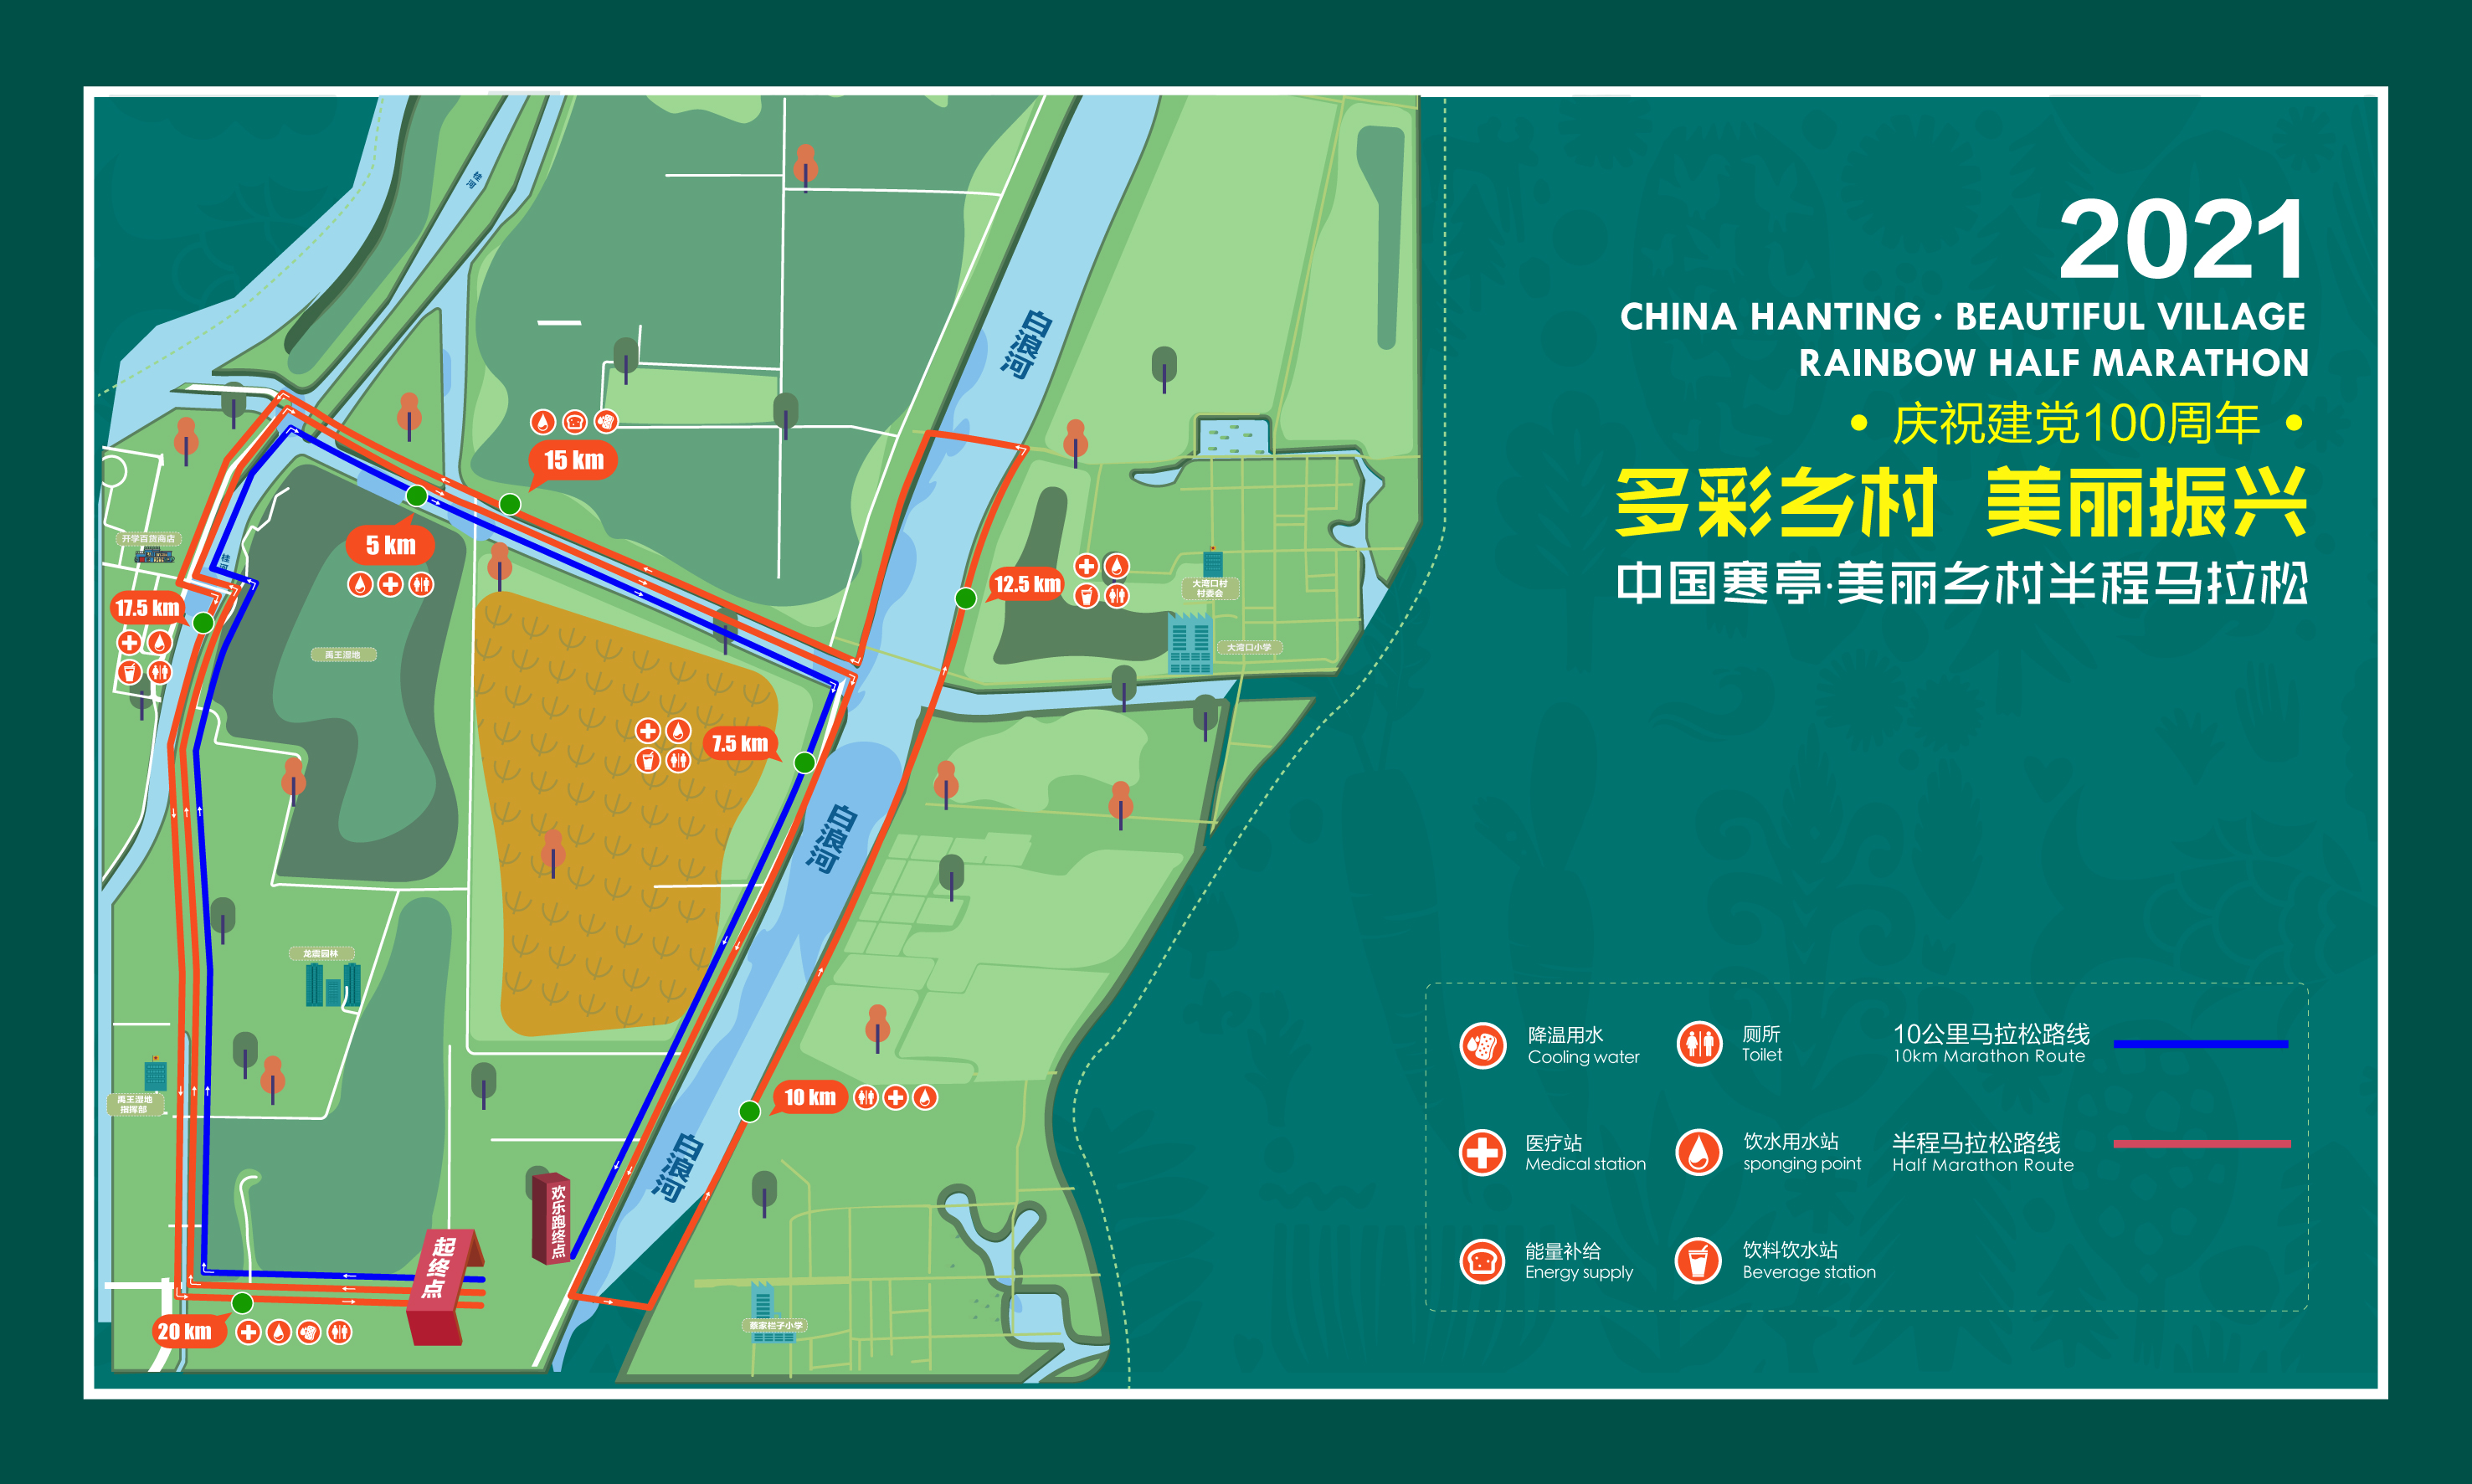 中国寒亭•美丽乡村半程马拉松赛事新闻发布会召开